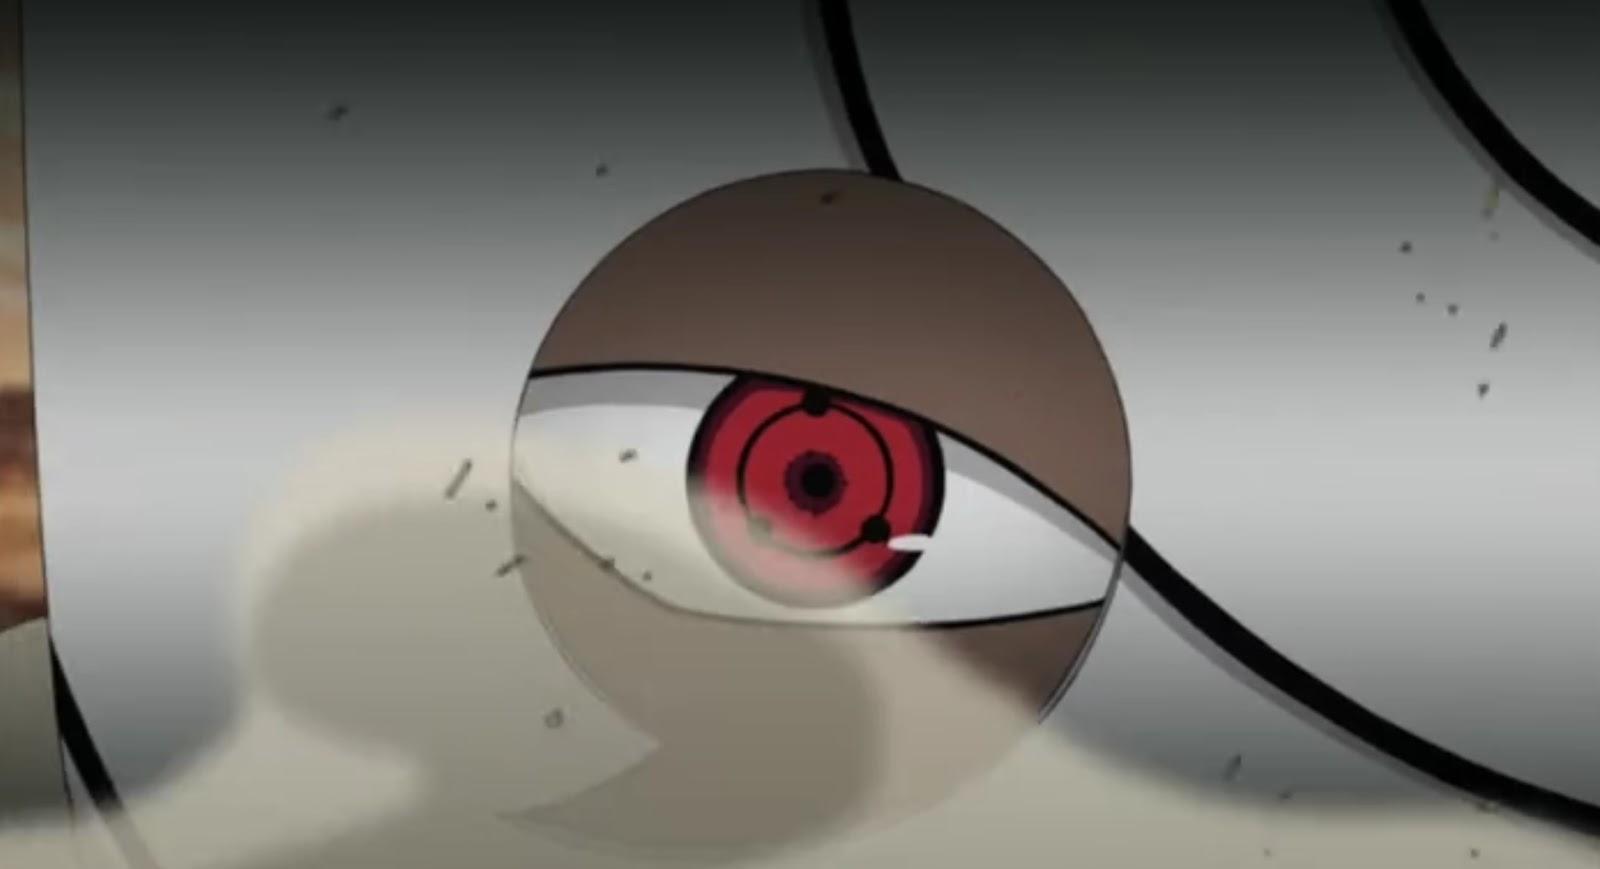 Naruto Shippuden Episódio 276, Assistir Naruto Shippuden Episódio 276, Assistir Naruto Shippuden Todos os Episódios Legendado, Naruto Shippuden episódio 276,HD